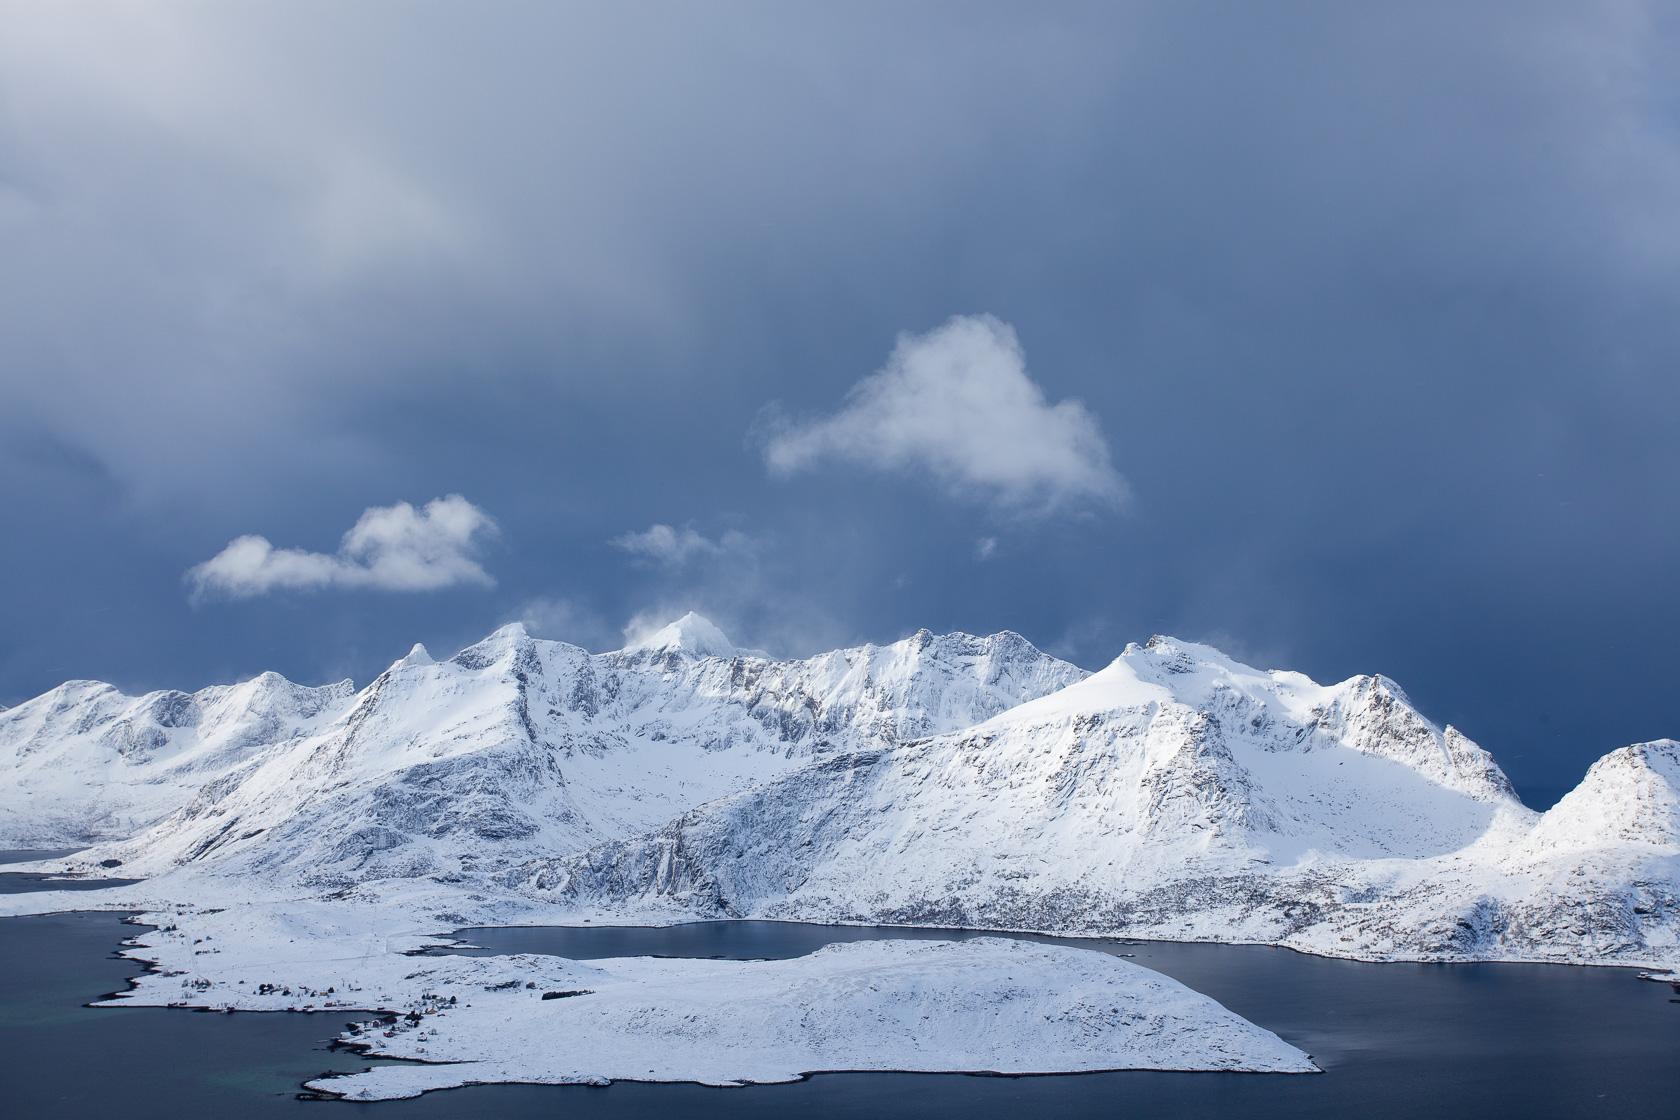 Montagnes du Selfjord près de Fredvang, dans les îles Lofoten pendant un voyage photo en hiver